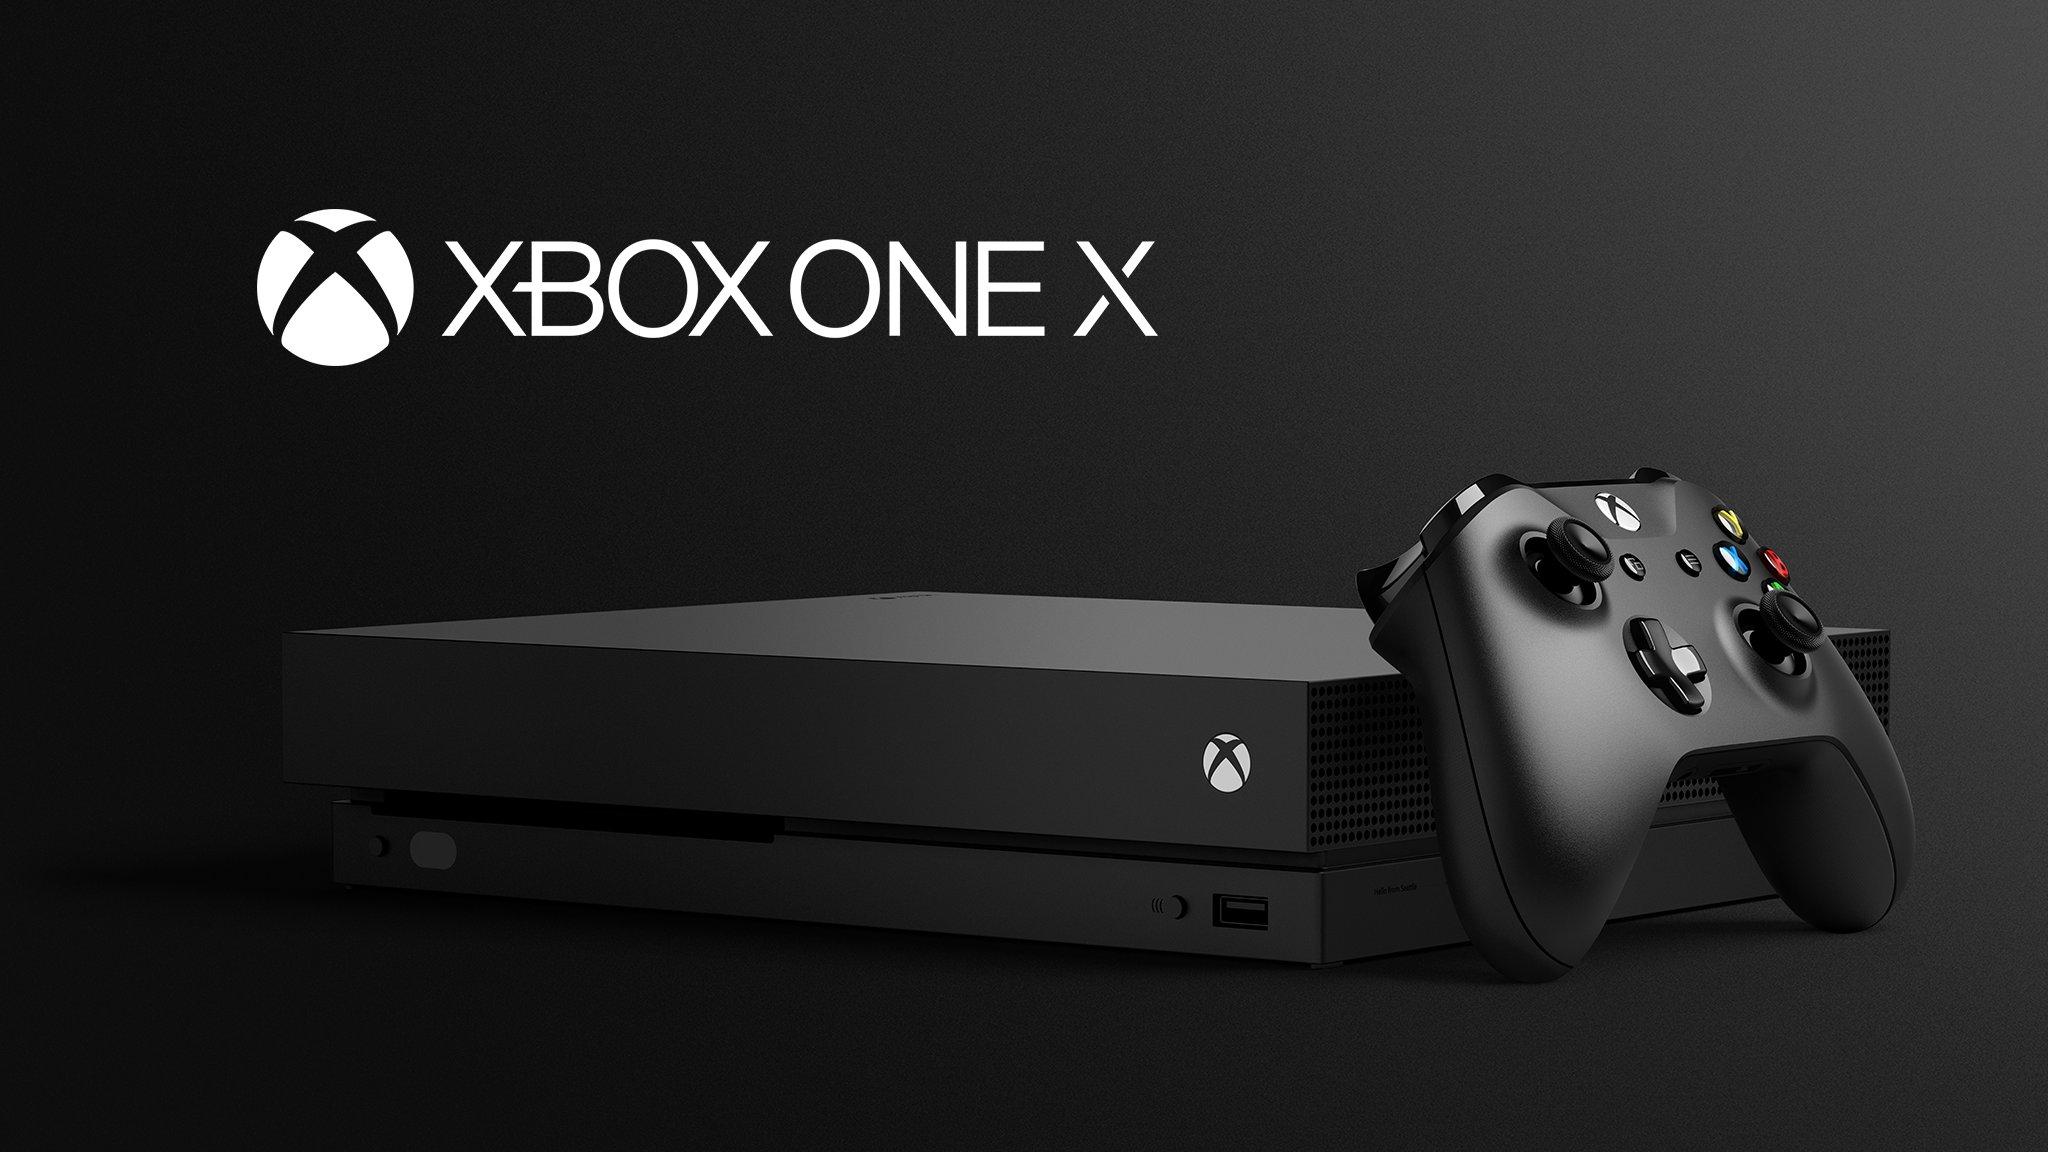 Купить Xbox One S в Симферополе Икс Бокс Ван С